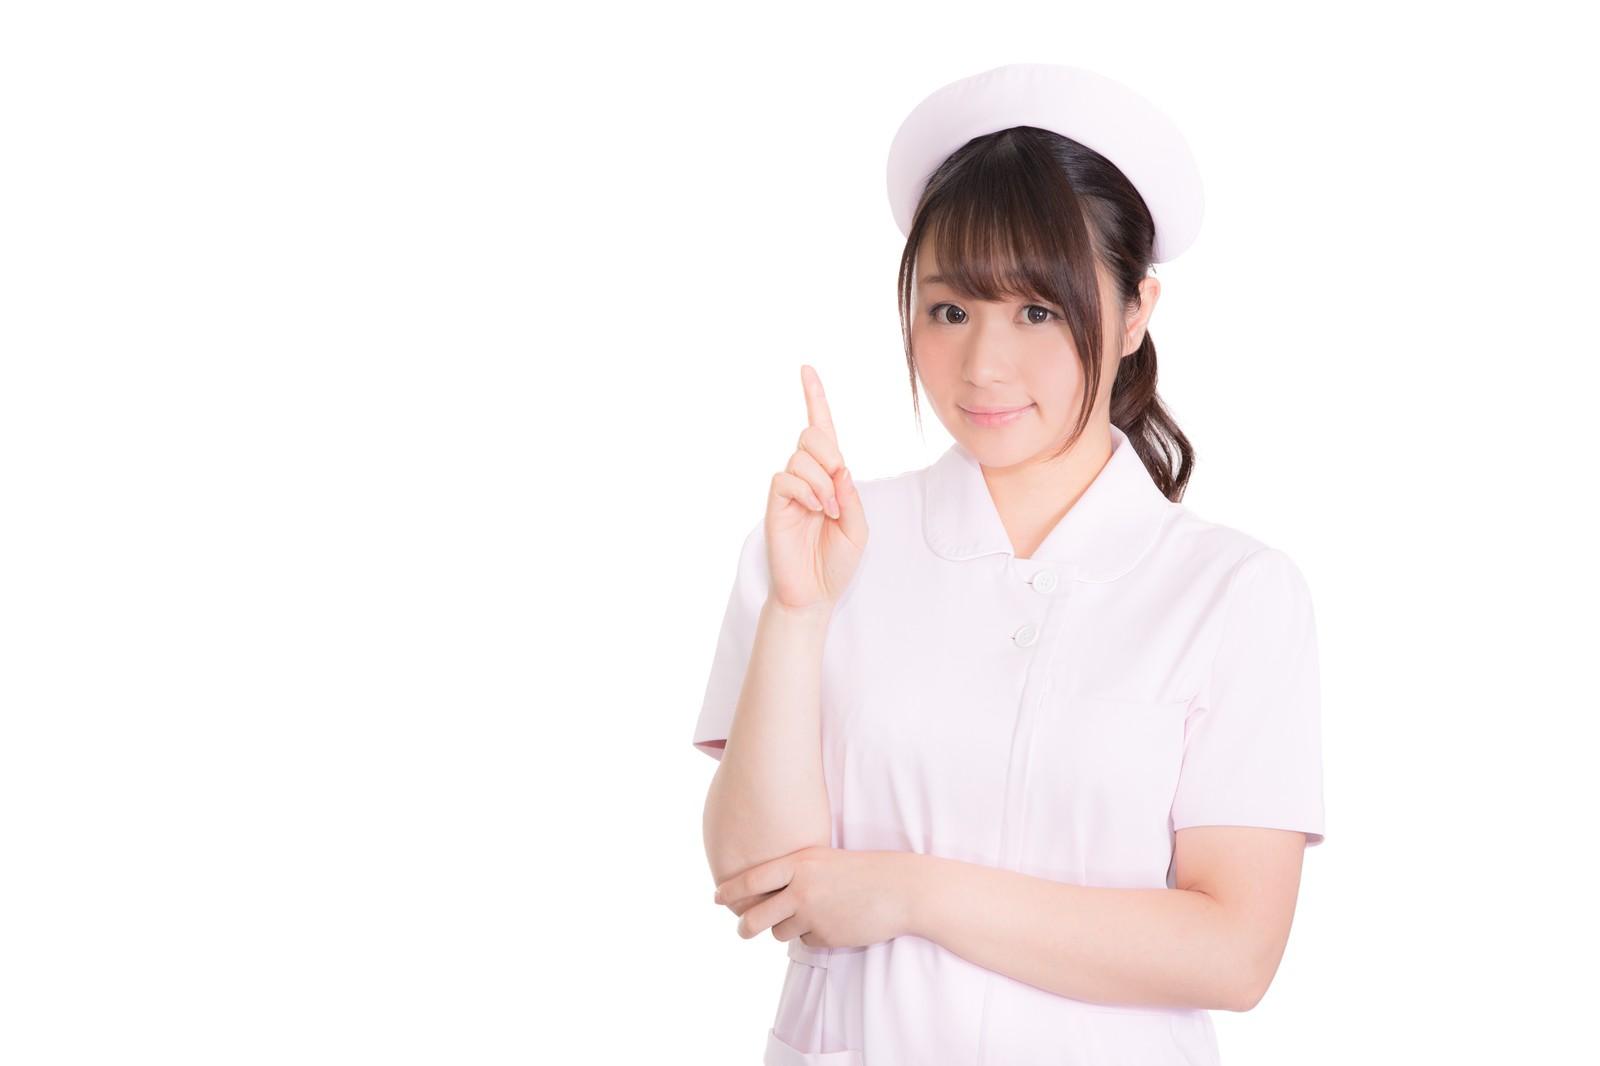 私が看護師国家試験を受けて役立った勉強法と参考書を紹介